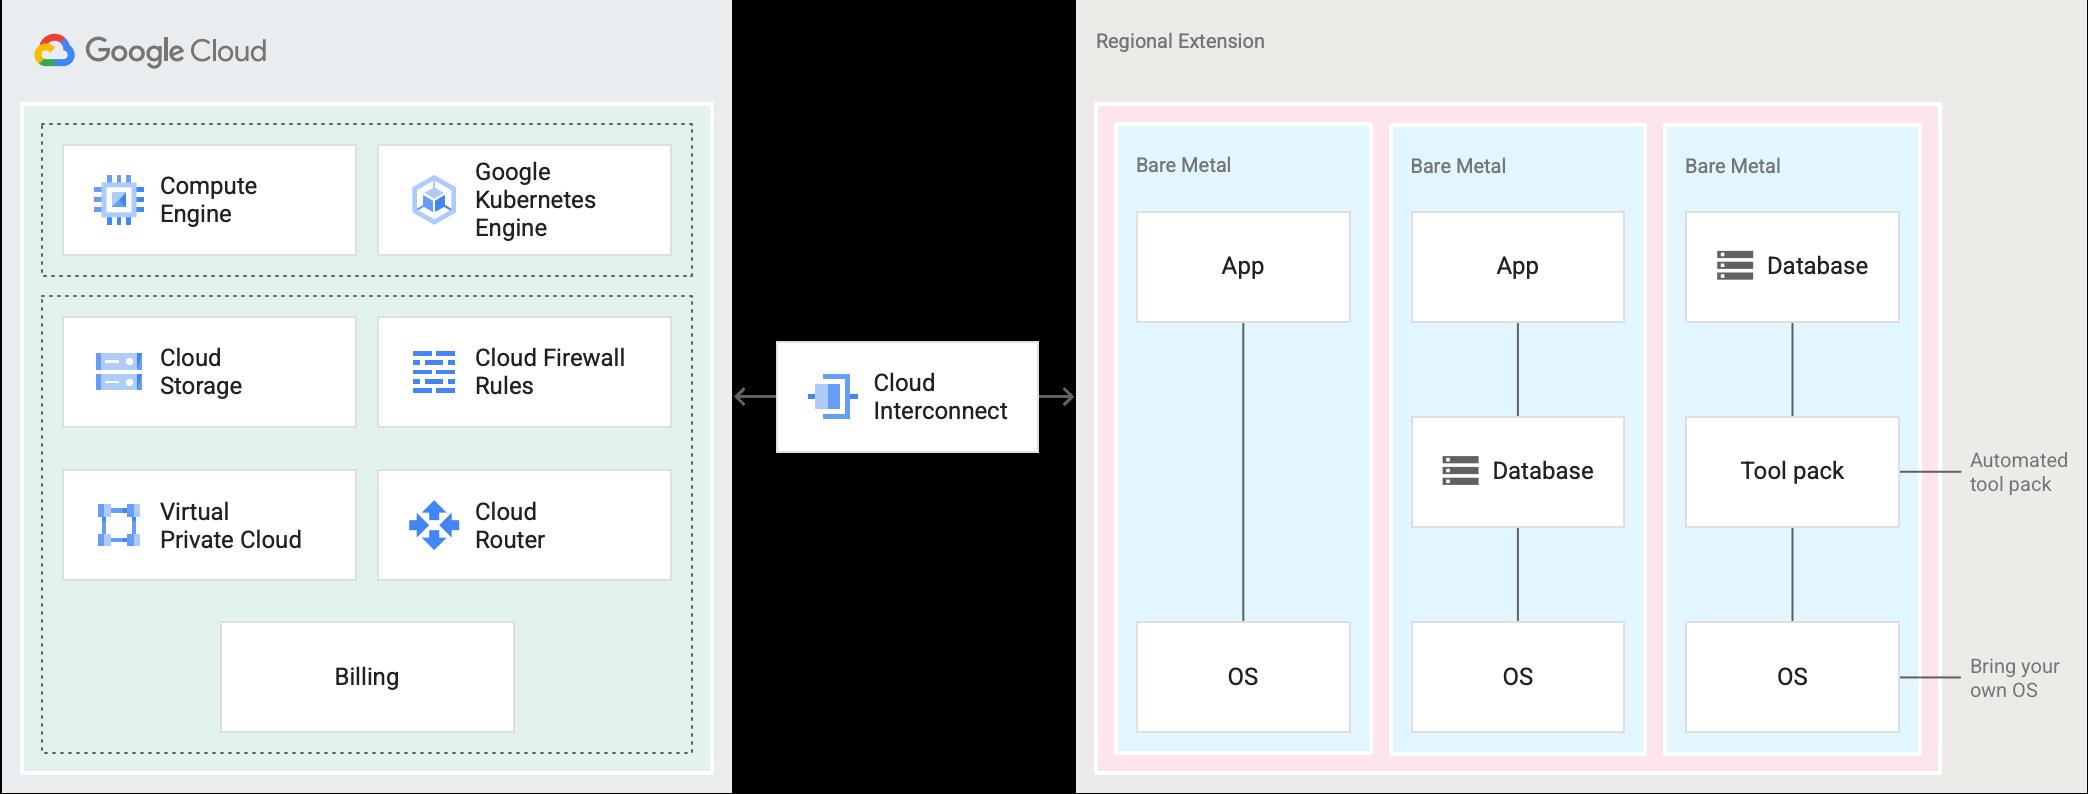 Google Cloud データセンターとコロケーションされているリージョン拡張に表示されているベアメタル サーバー